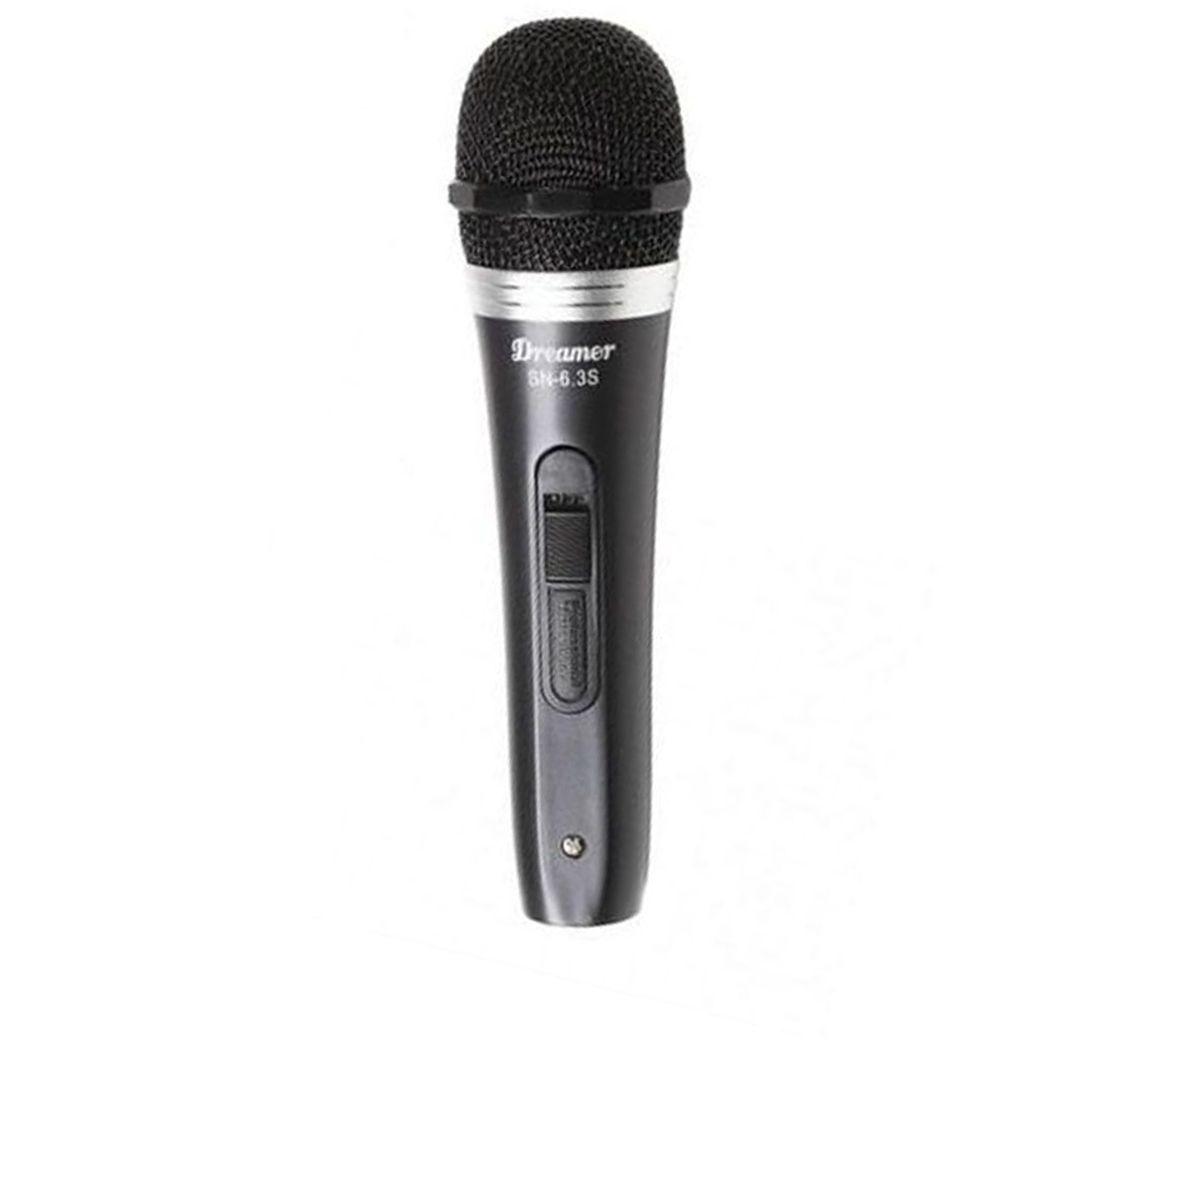 Microfone Com Fio Dreamer SN-6.3S